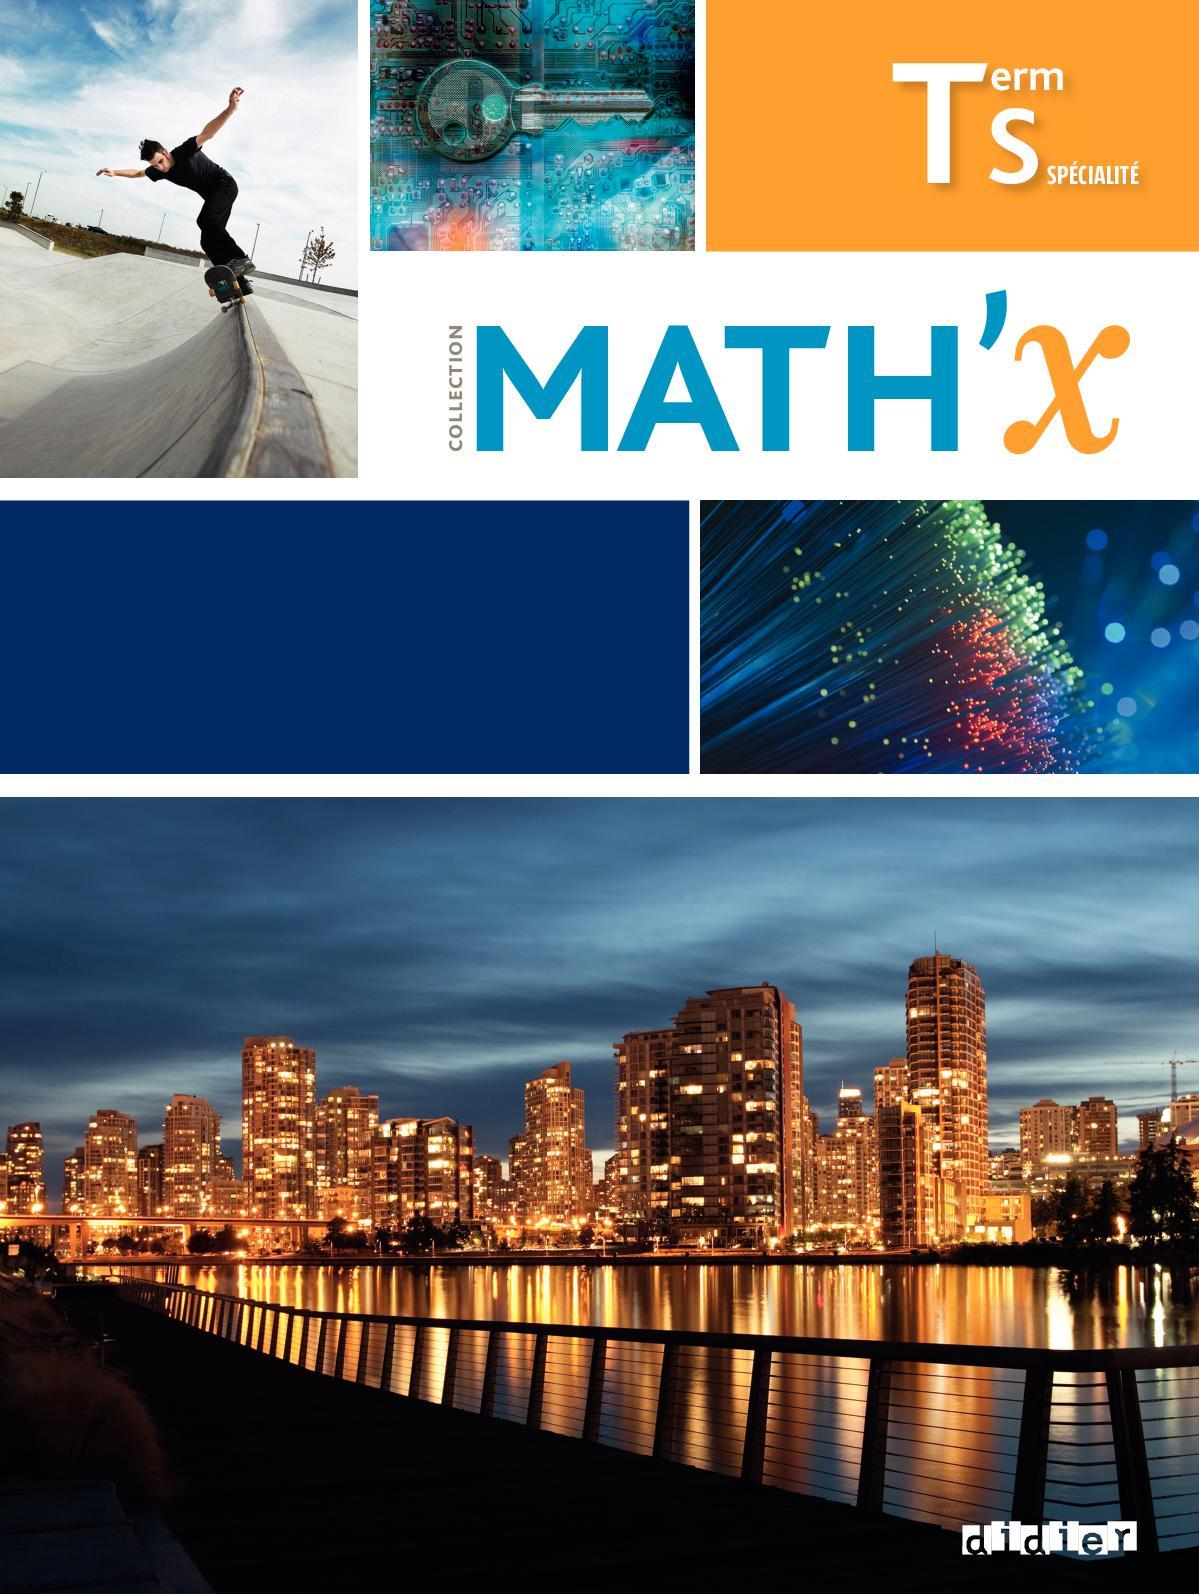 Math'x Terminale S Spécialité Corrigé : math'x, terminale, spécialité, corrigé, Calaméo, Math'x, Spécialité_complet